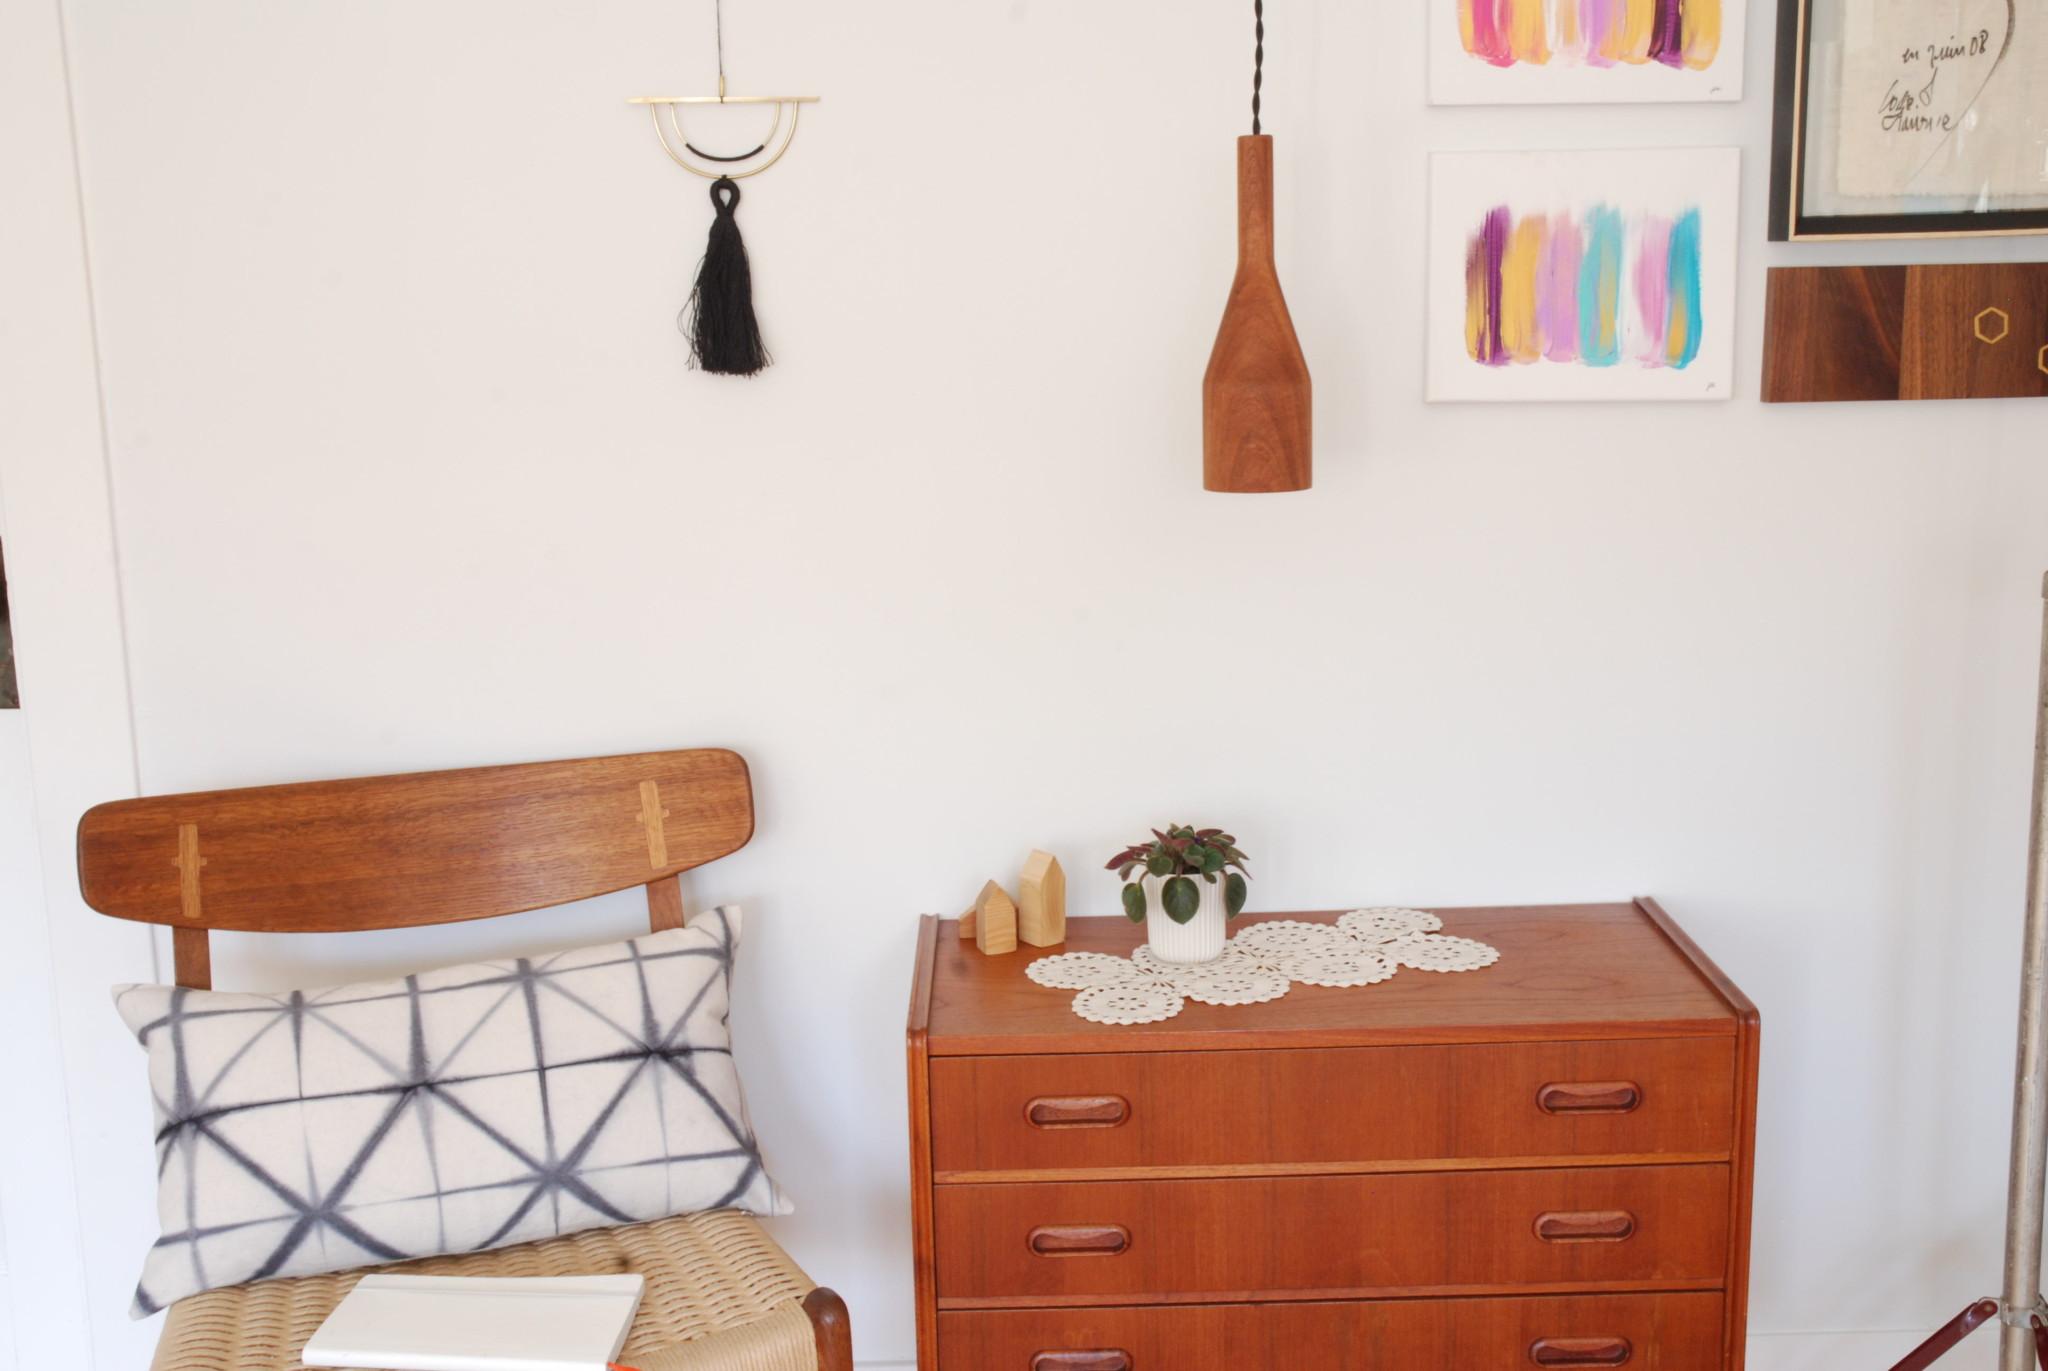 Lampe Quille | Décoration murale | Coussin Shibori logwood